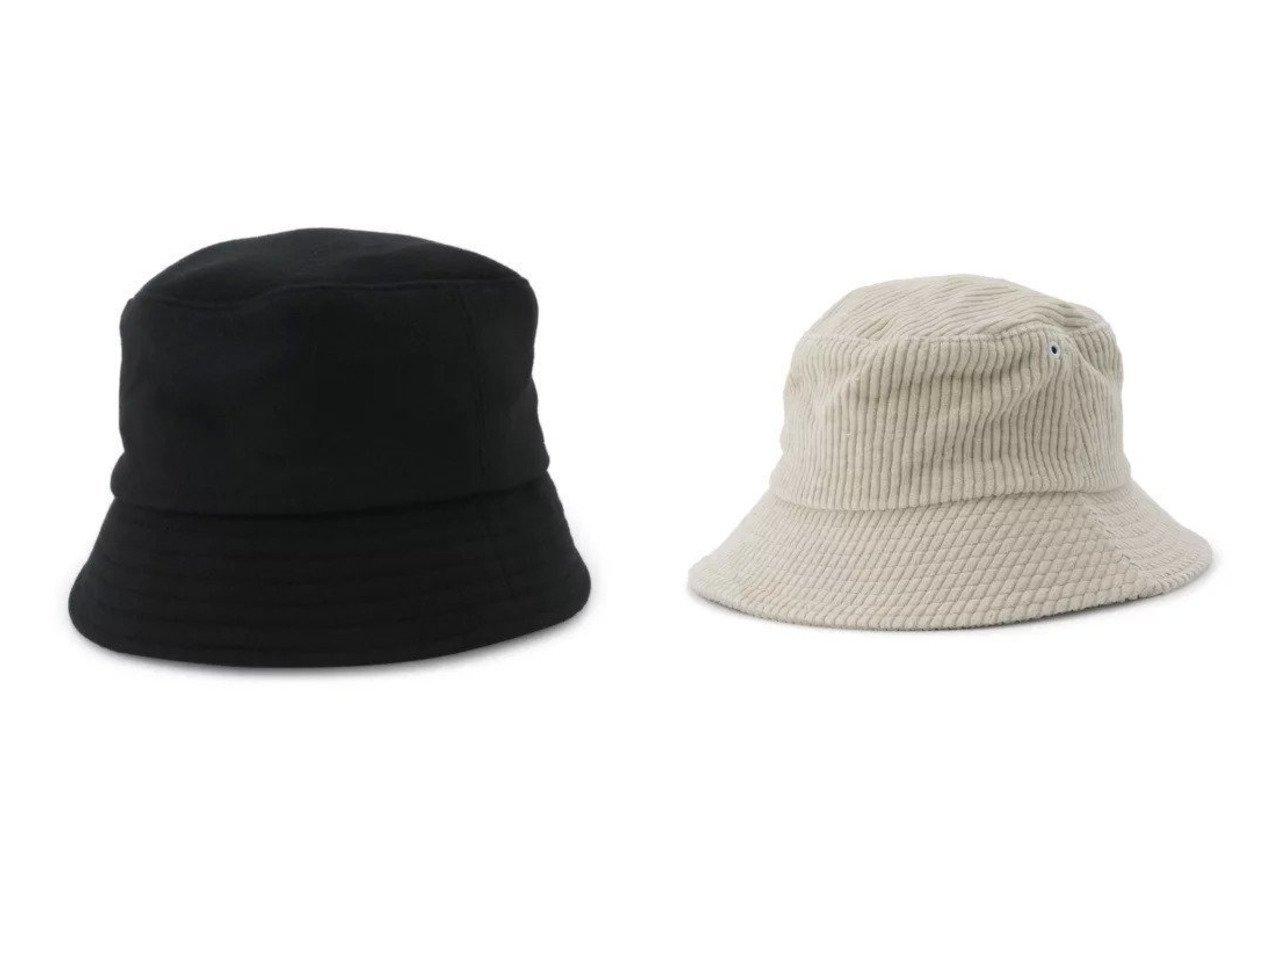 【KIJIMA TAKAYUKI/キジマ タカユキ】のLAMB WOOL MELTON BUCKET HAT&COTTON WIDE CORDUROY BUCKET HAT おすすめ!人気、トレンド・レディースファッションの通販 おすすめで人気の流行・トレンド、ファッションの通販商品 インテリア・家具・メンズファッション・キッズファッション・レディースファッション・服の通販 founy(ファニー) https://founy.com/ ファッション Fashion レディースファッション WOMEN 帽子 Hats 2021年 2021 2021-2022秋冬・A/W AW・Autumn/Winter・FW・Fall-Winter・2021-2022 A/W・秋冬 AW・Autumn/Winter・FW・Fall-Winter バケツ フォルム メルトン 帽子 |ID:crp329100000071040